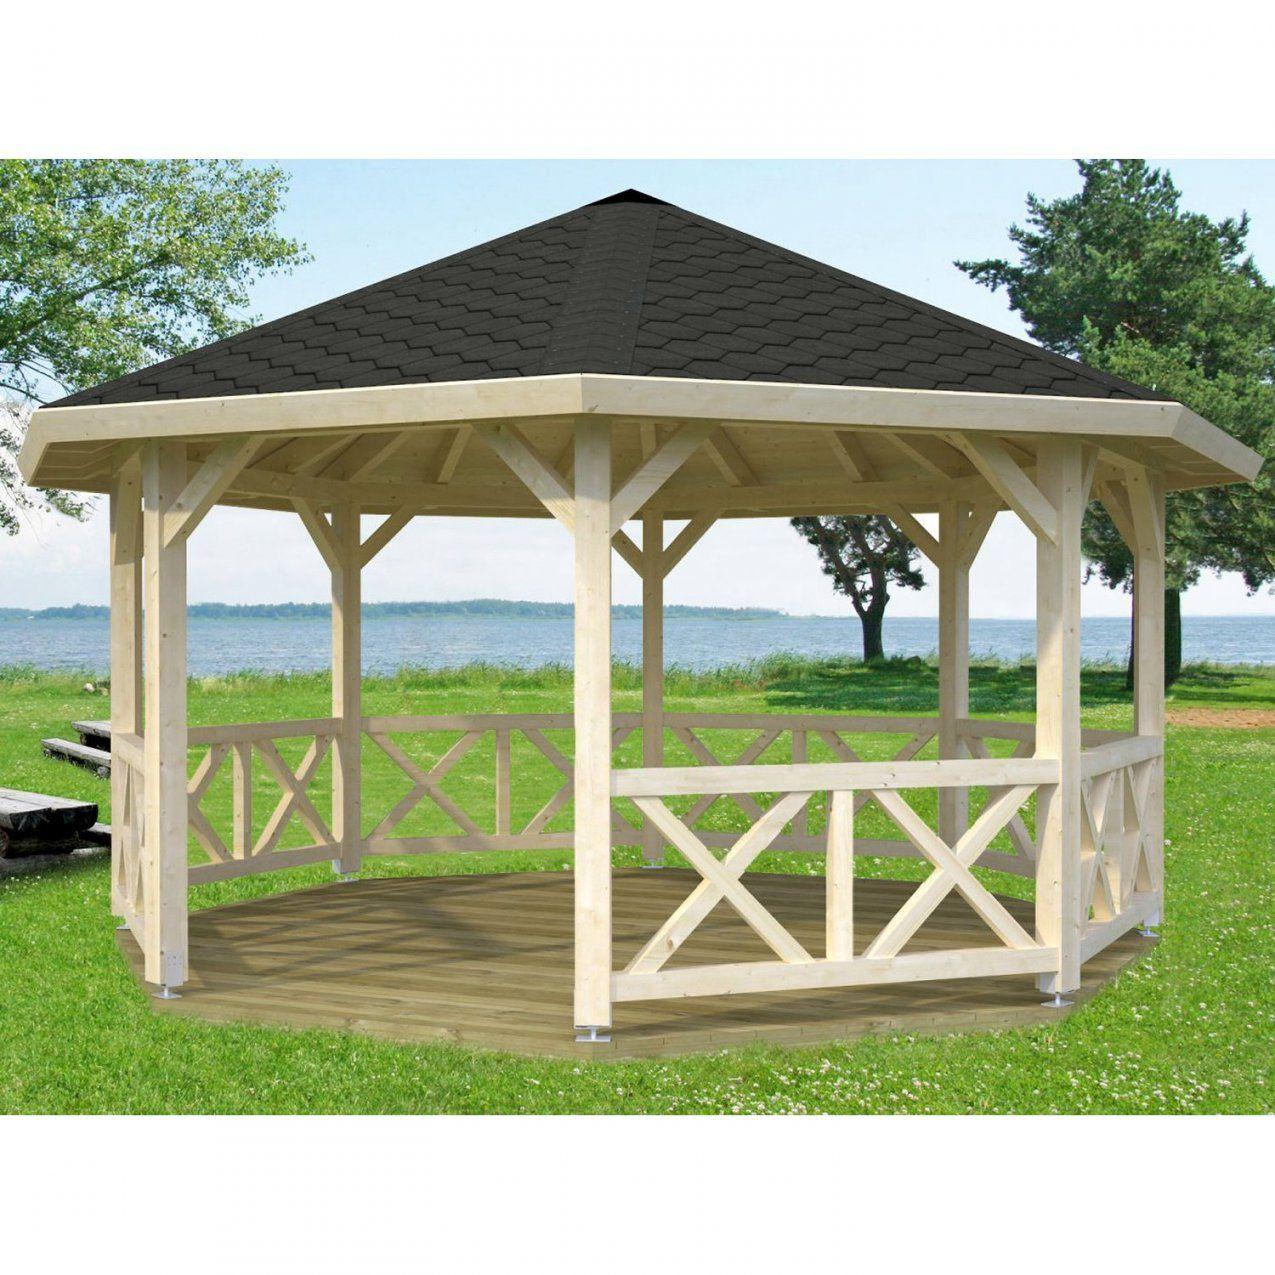 Gartenlauben & Holzpavillons Online Kaufen Bei Obi von Pavillon 6 Eckig Holz Bild